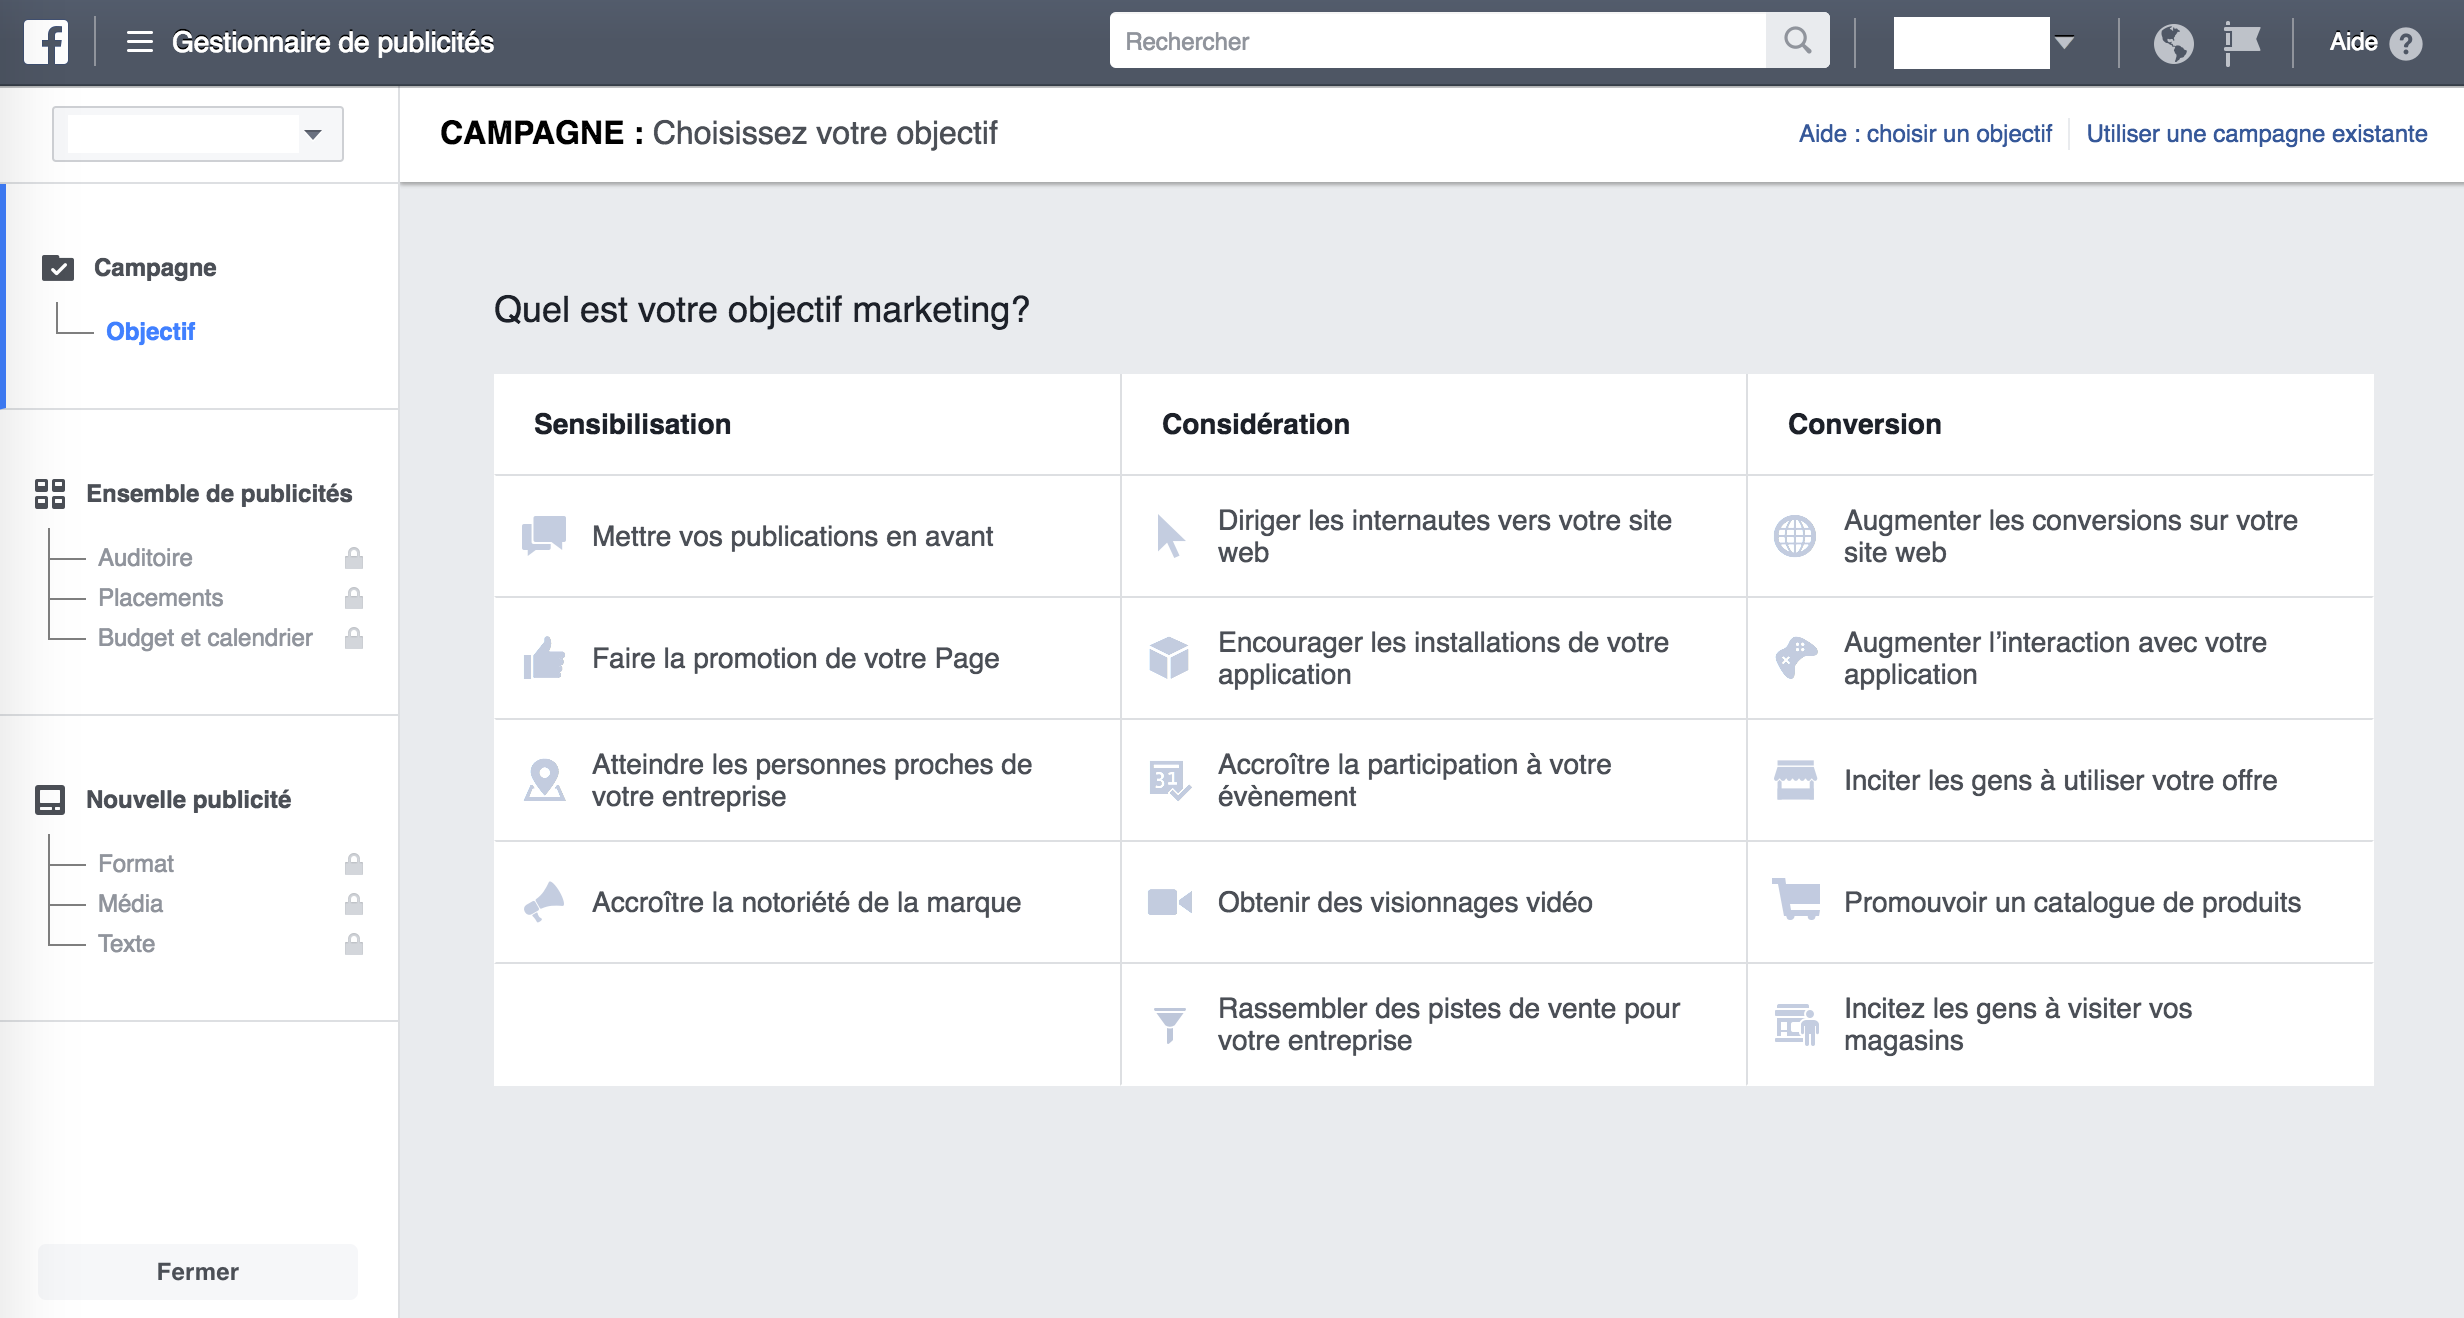 Les types de campagnes publicitaires possibles sur Facebook, novembre 2016